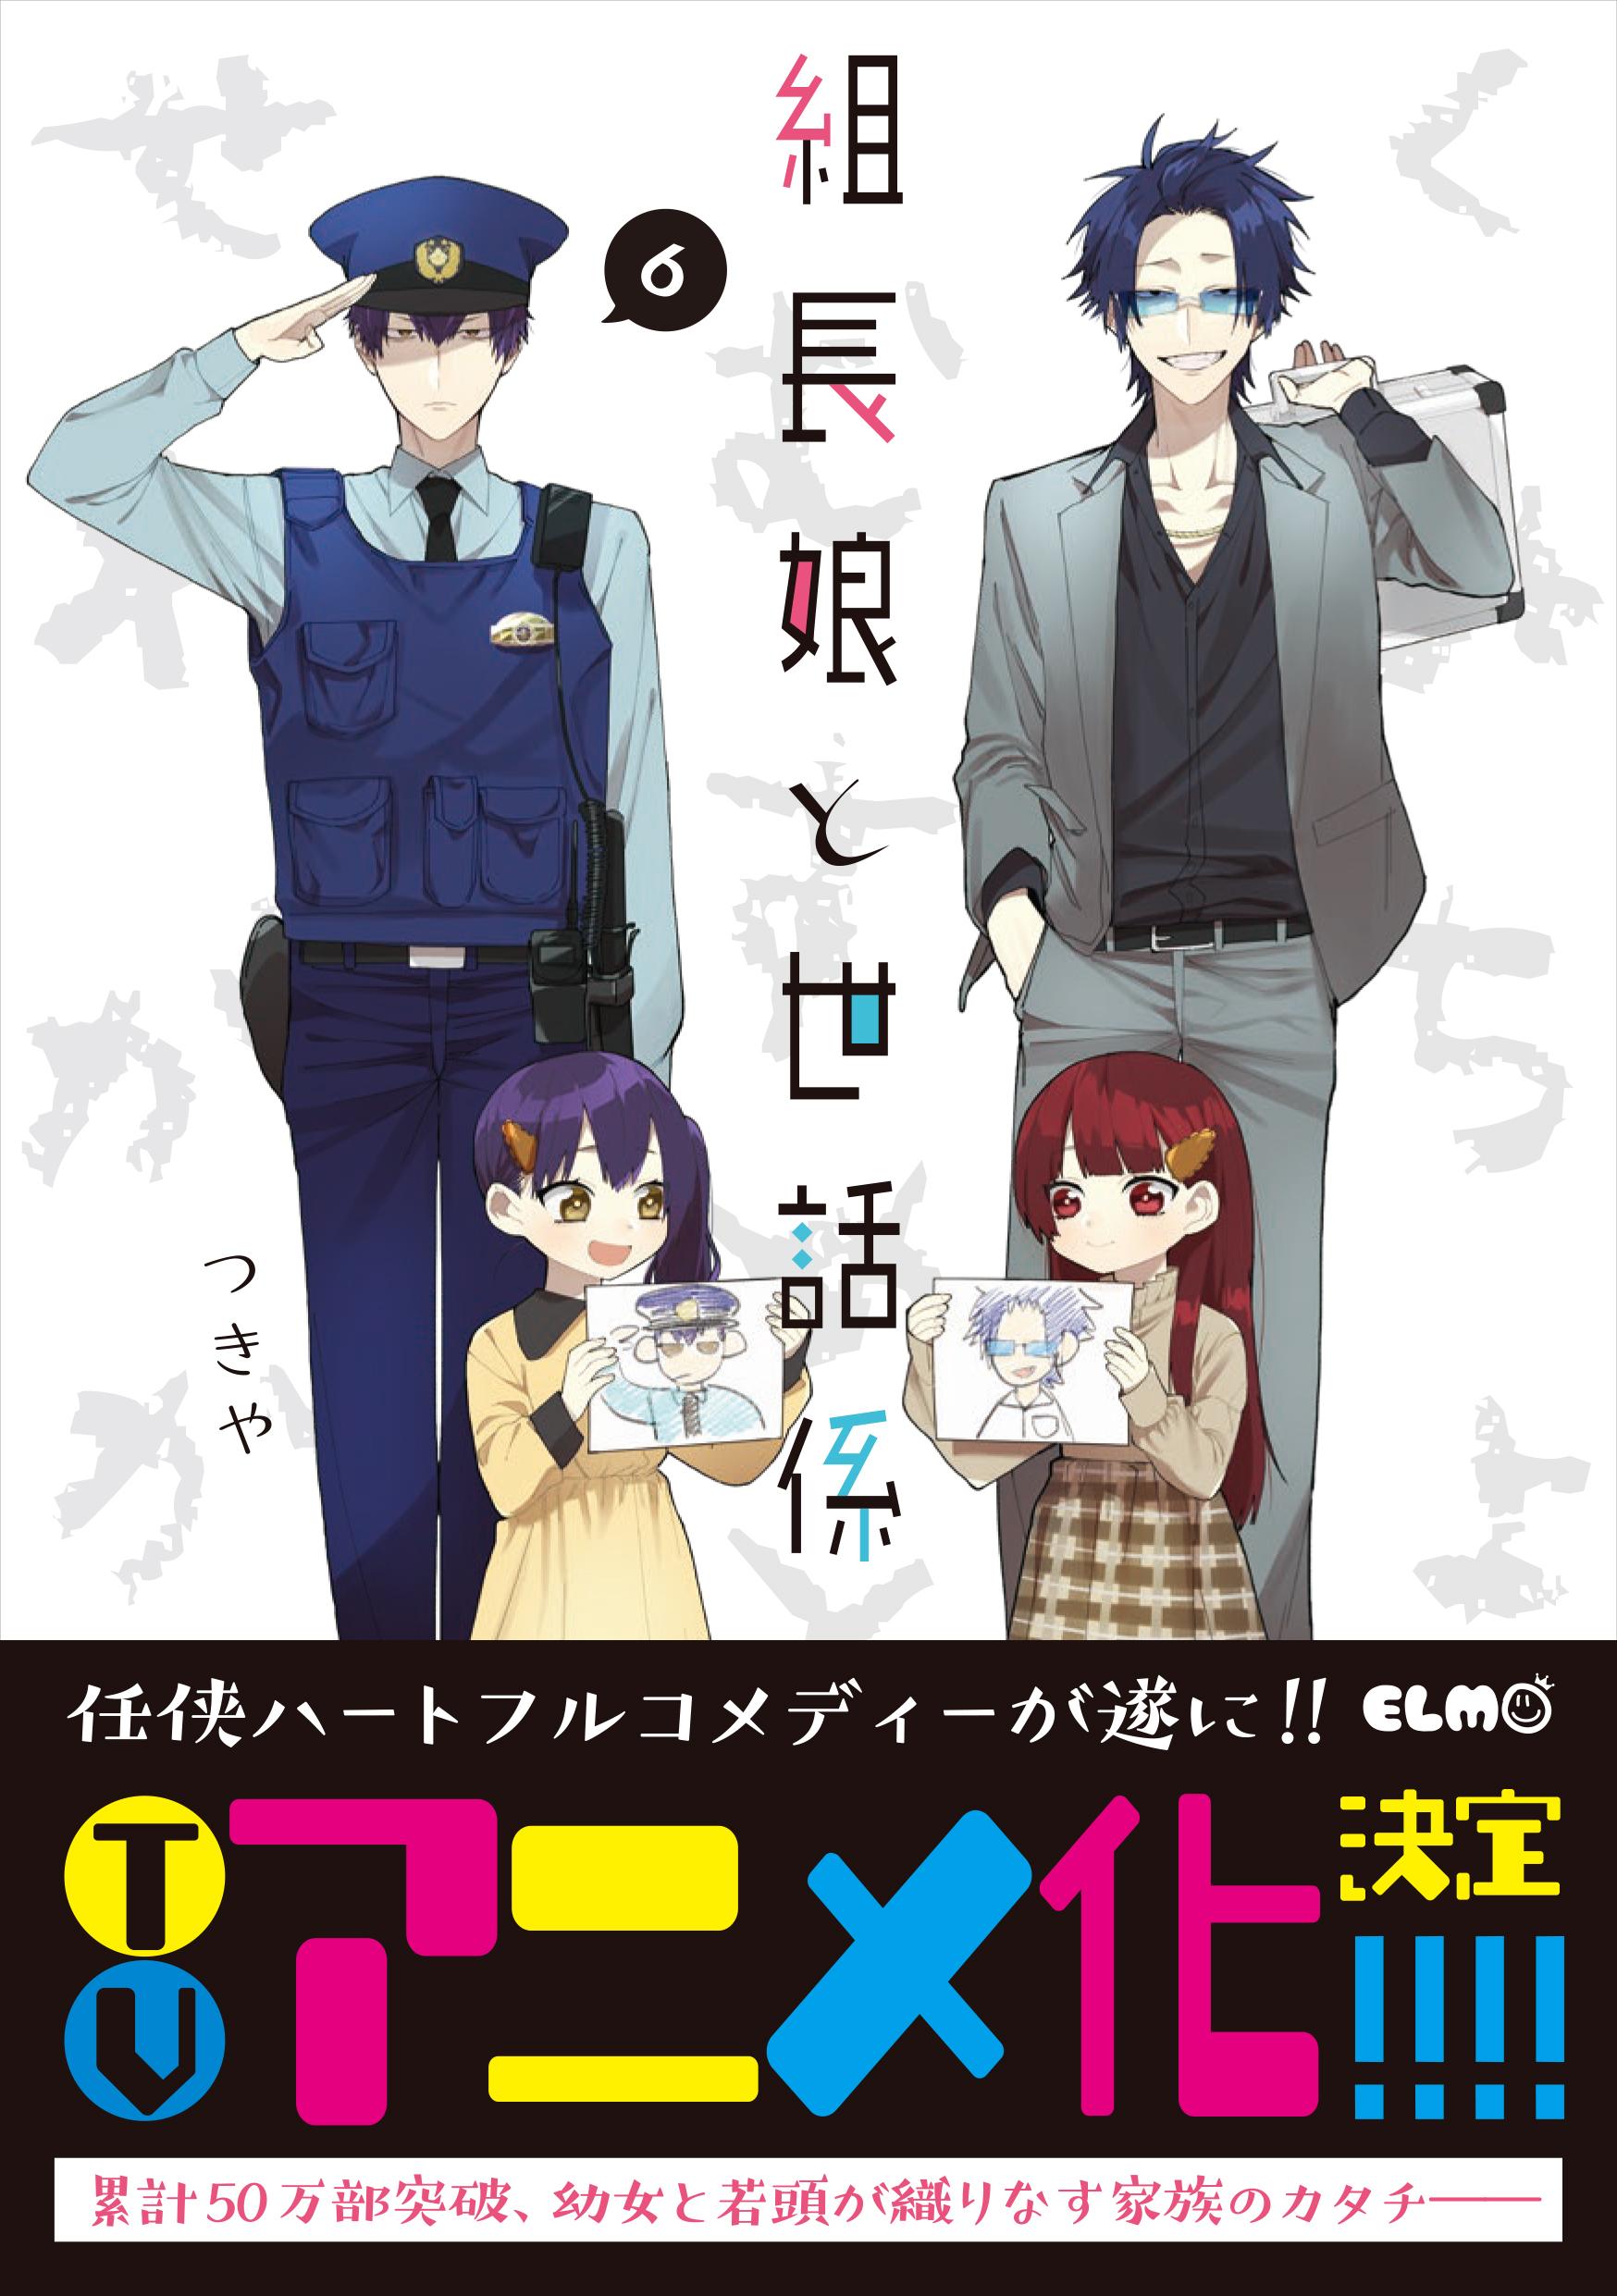 大人気任侠ハートフルコメディ「組長娘と世話係」ついにアニメ化決定!最新6巻は9月10日発売